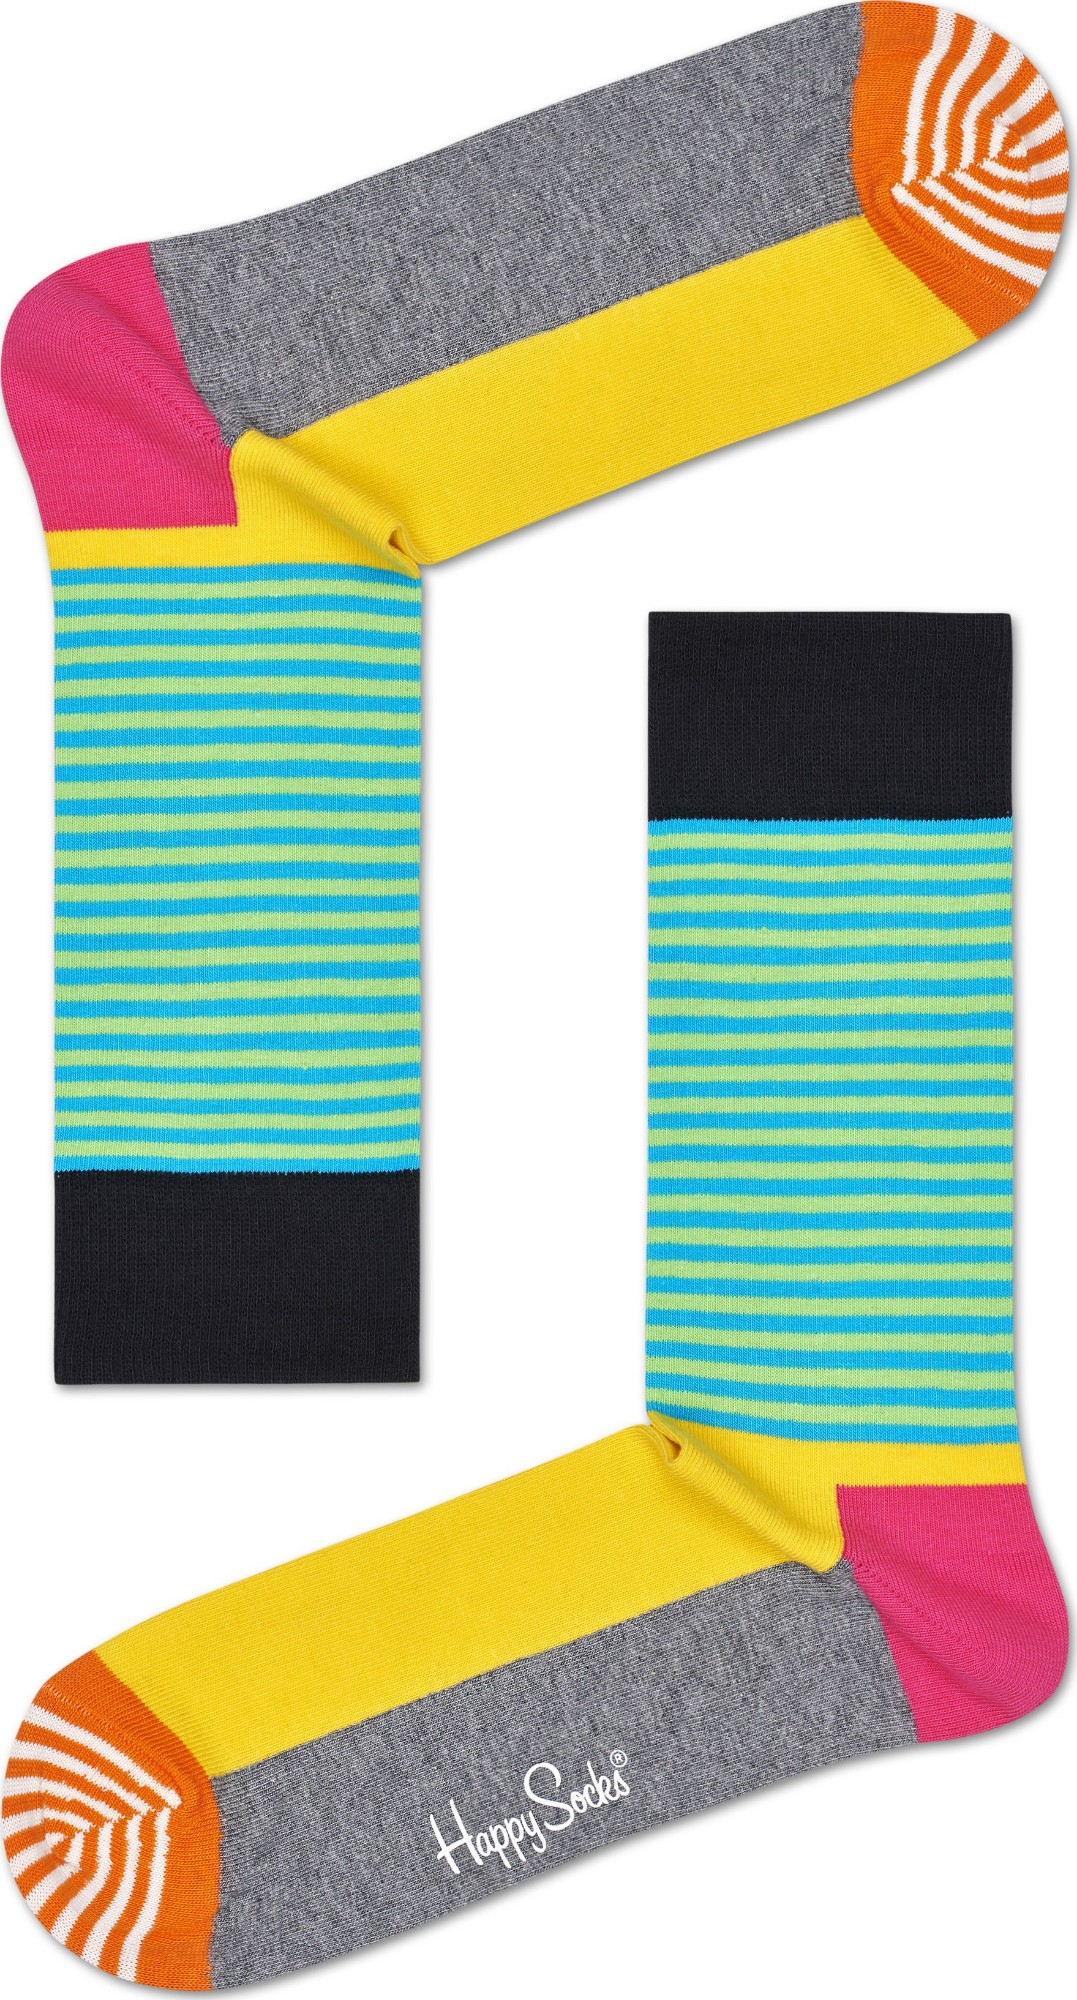 Happy Socks Half Stripe Multi 9700 36-40